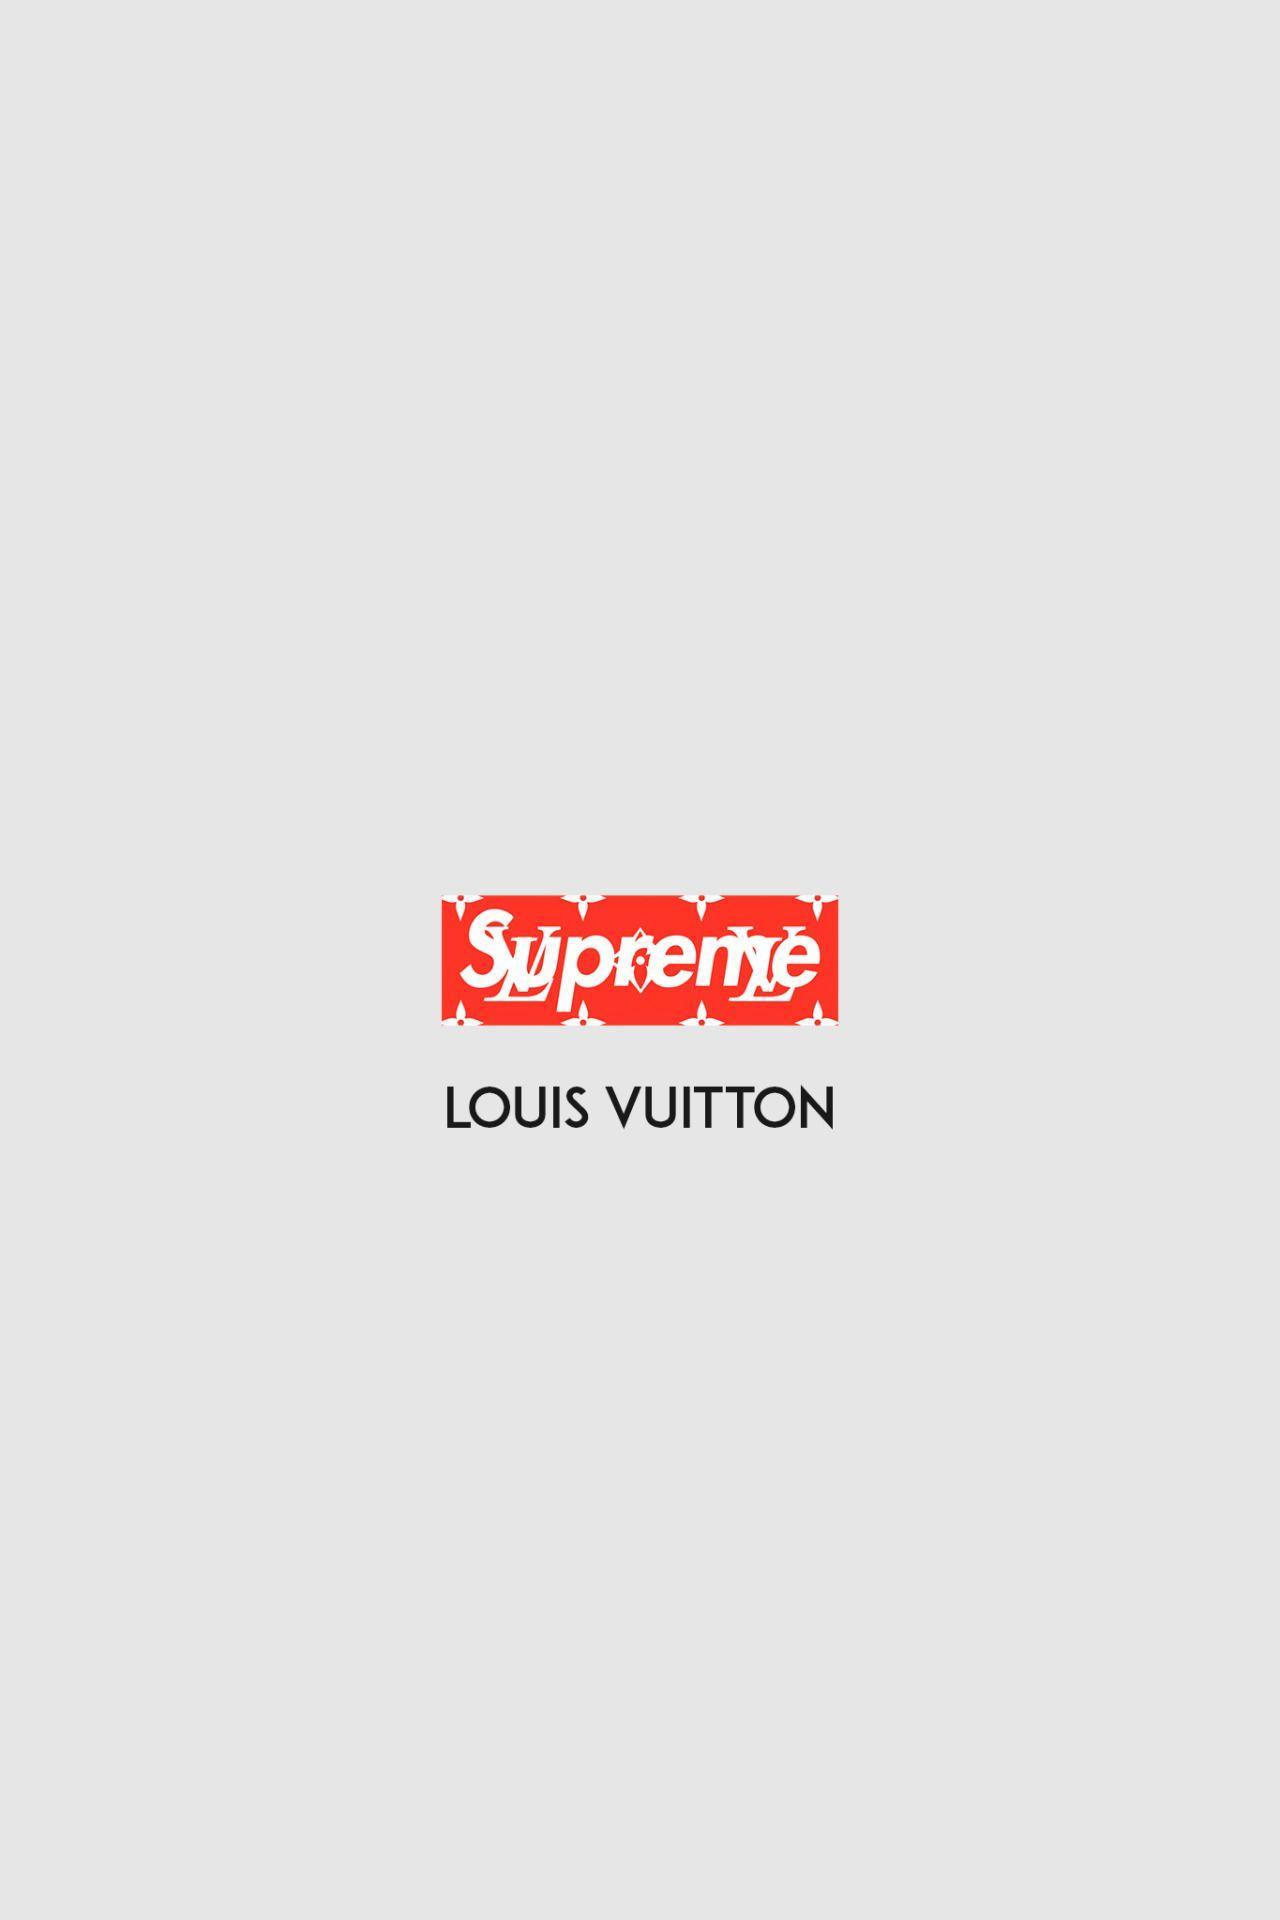 Gucci X Supreme Wallpapers Top Free Gucci X Supreme